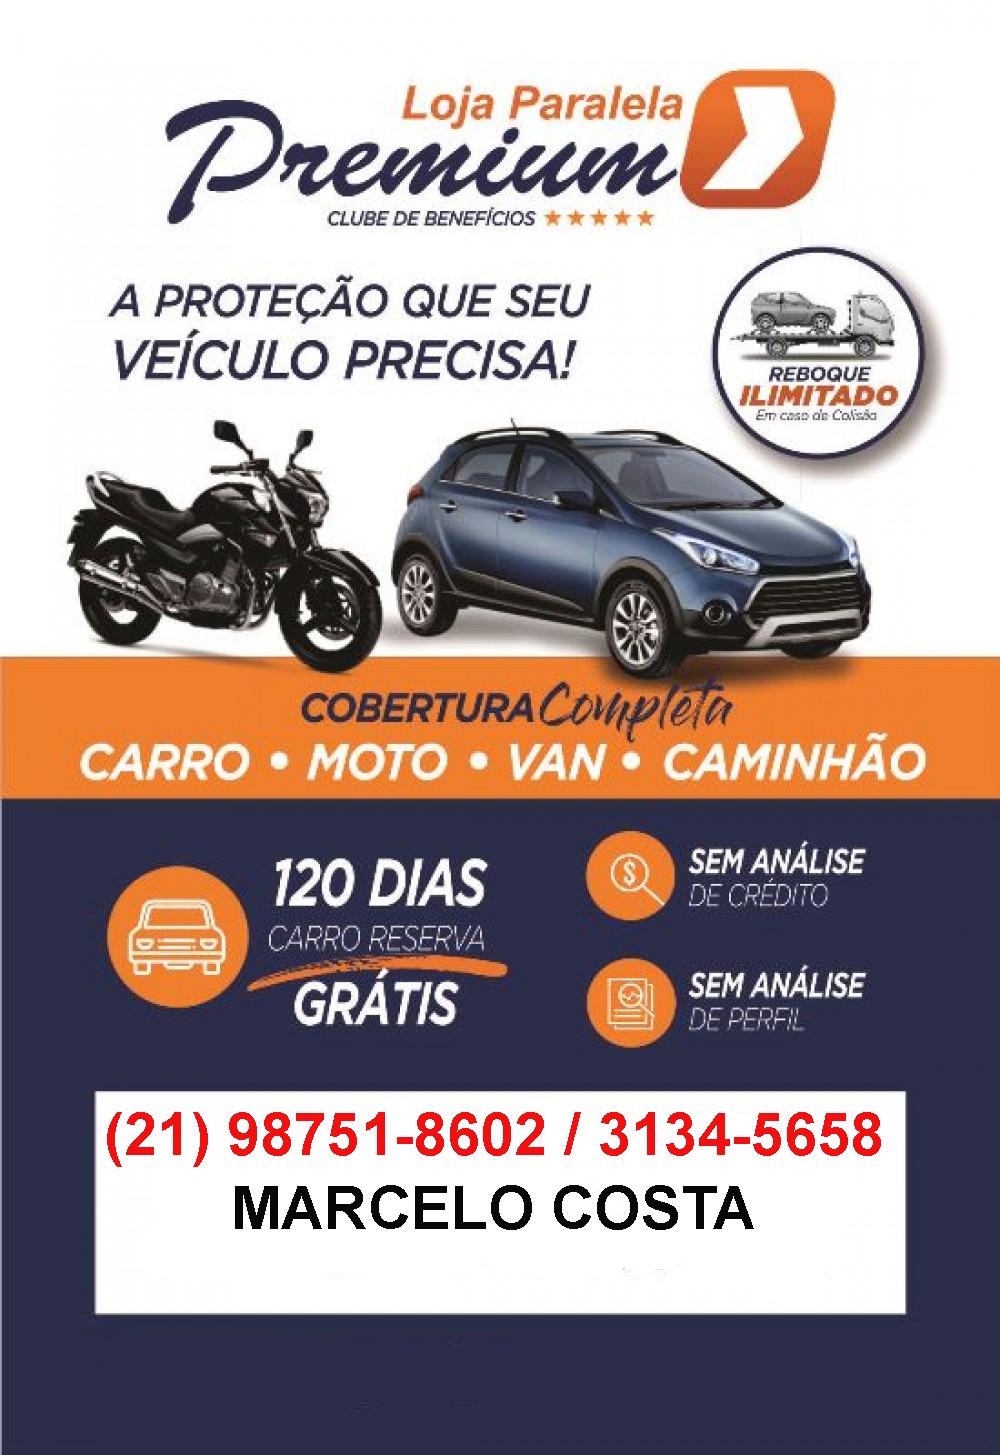 Seguradora, seguro de veículos com seguro e proteção total da sua moto, carro ou caminhão